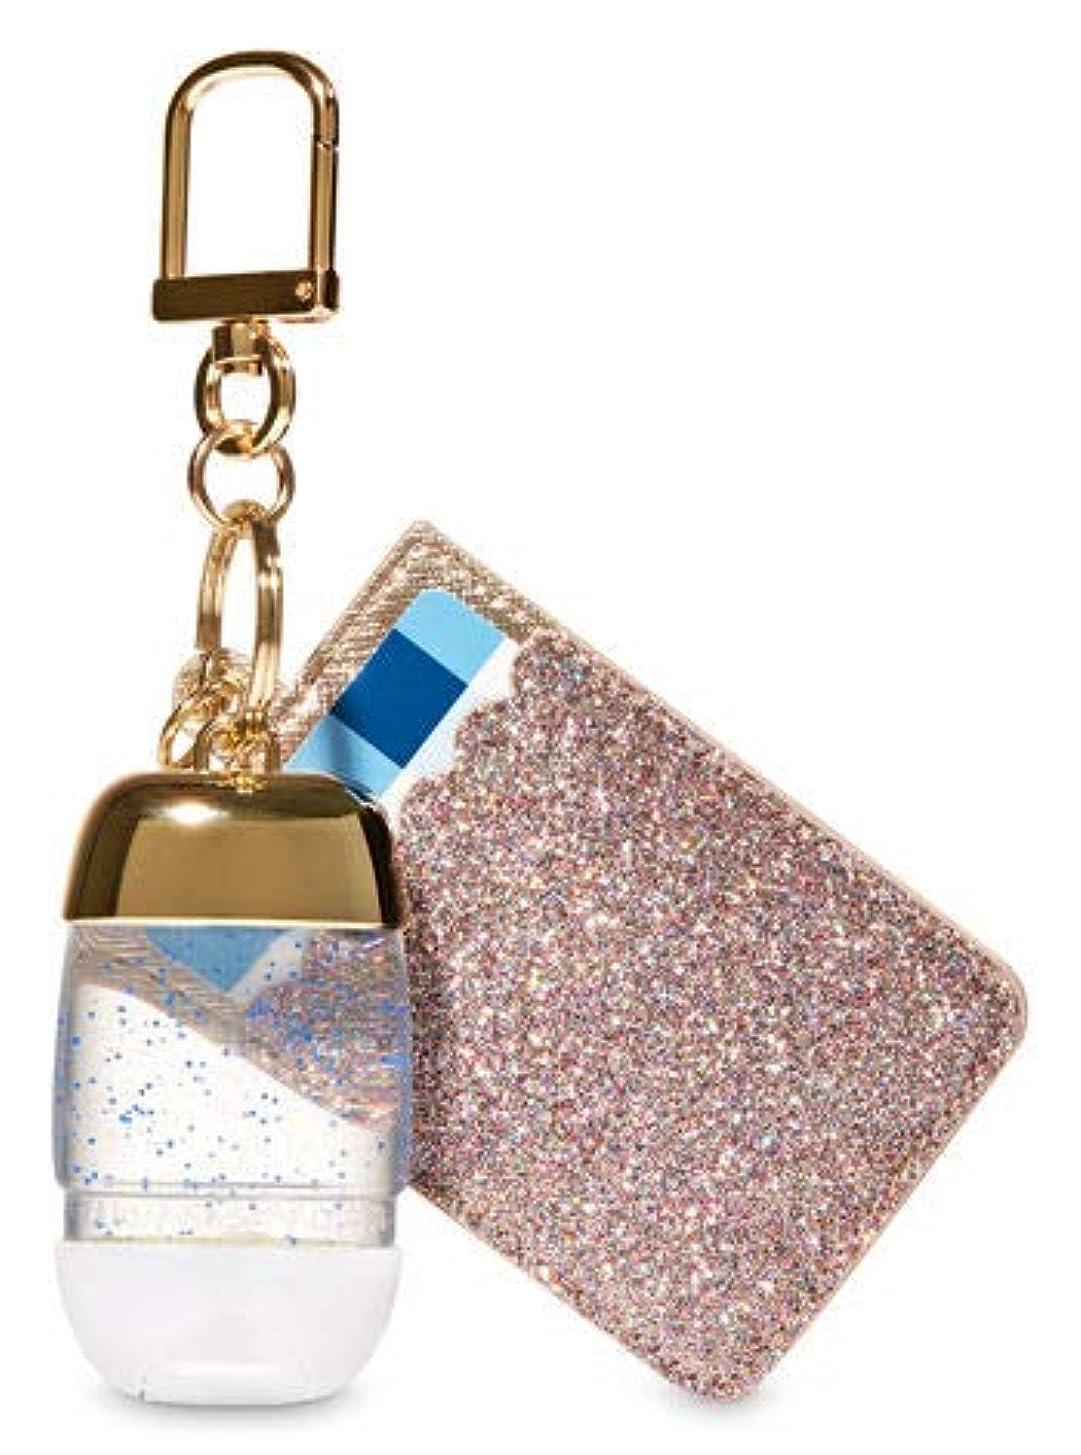 狂信者唇雄弁【Bath&Body Works/バス&ボディワークス】 抗菌ハンドジェルホルダー カードケース グリッターゴールド Credit Card & PocketBac Holder Glitterly Gold [並行輸入品]